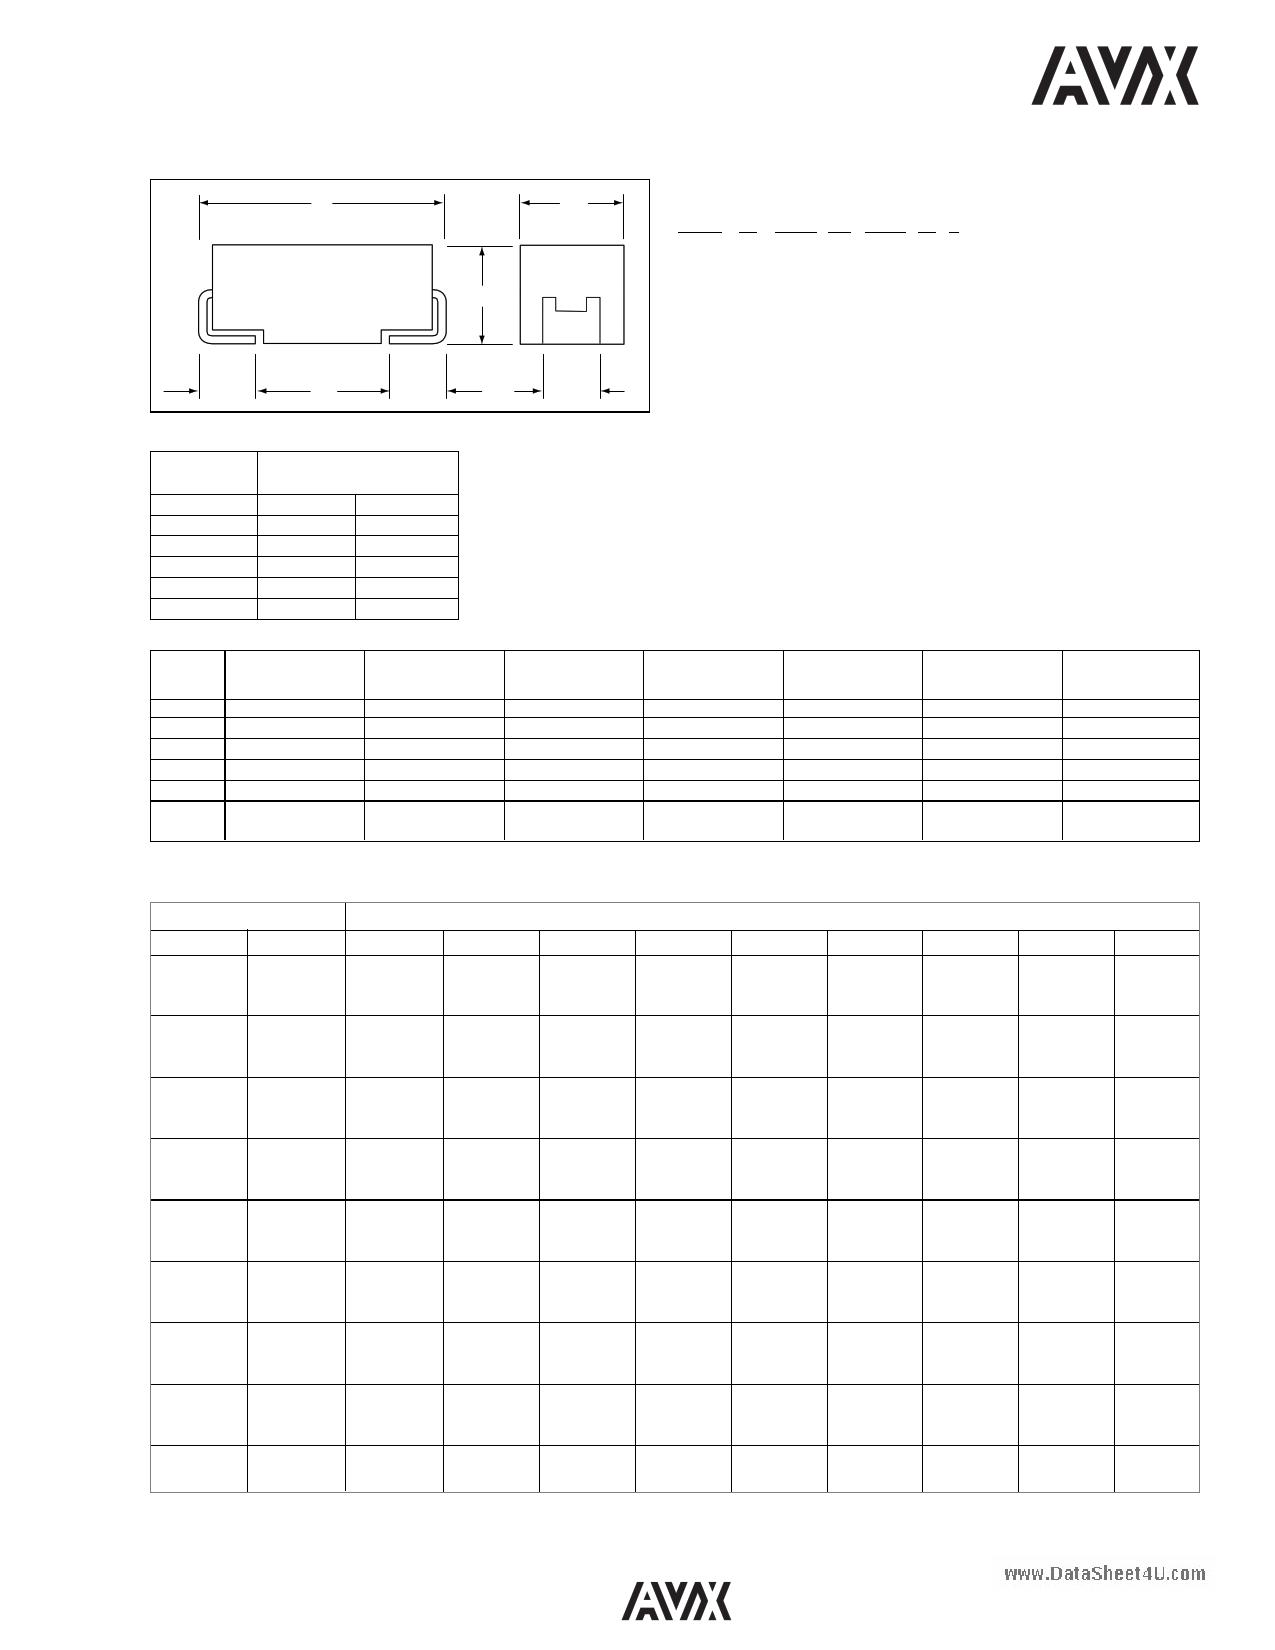 TAJB104Kxxxx دیتاشیت PDF